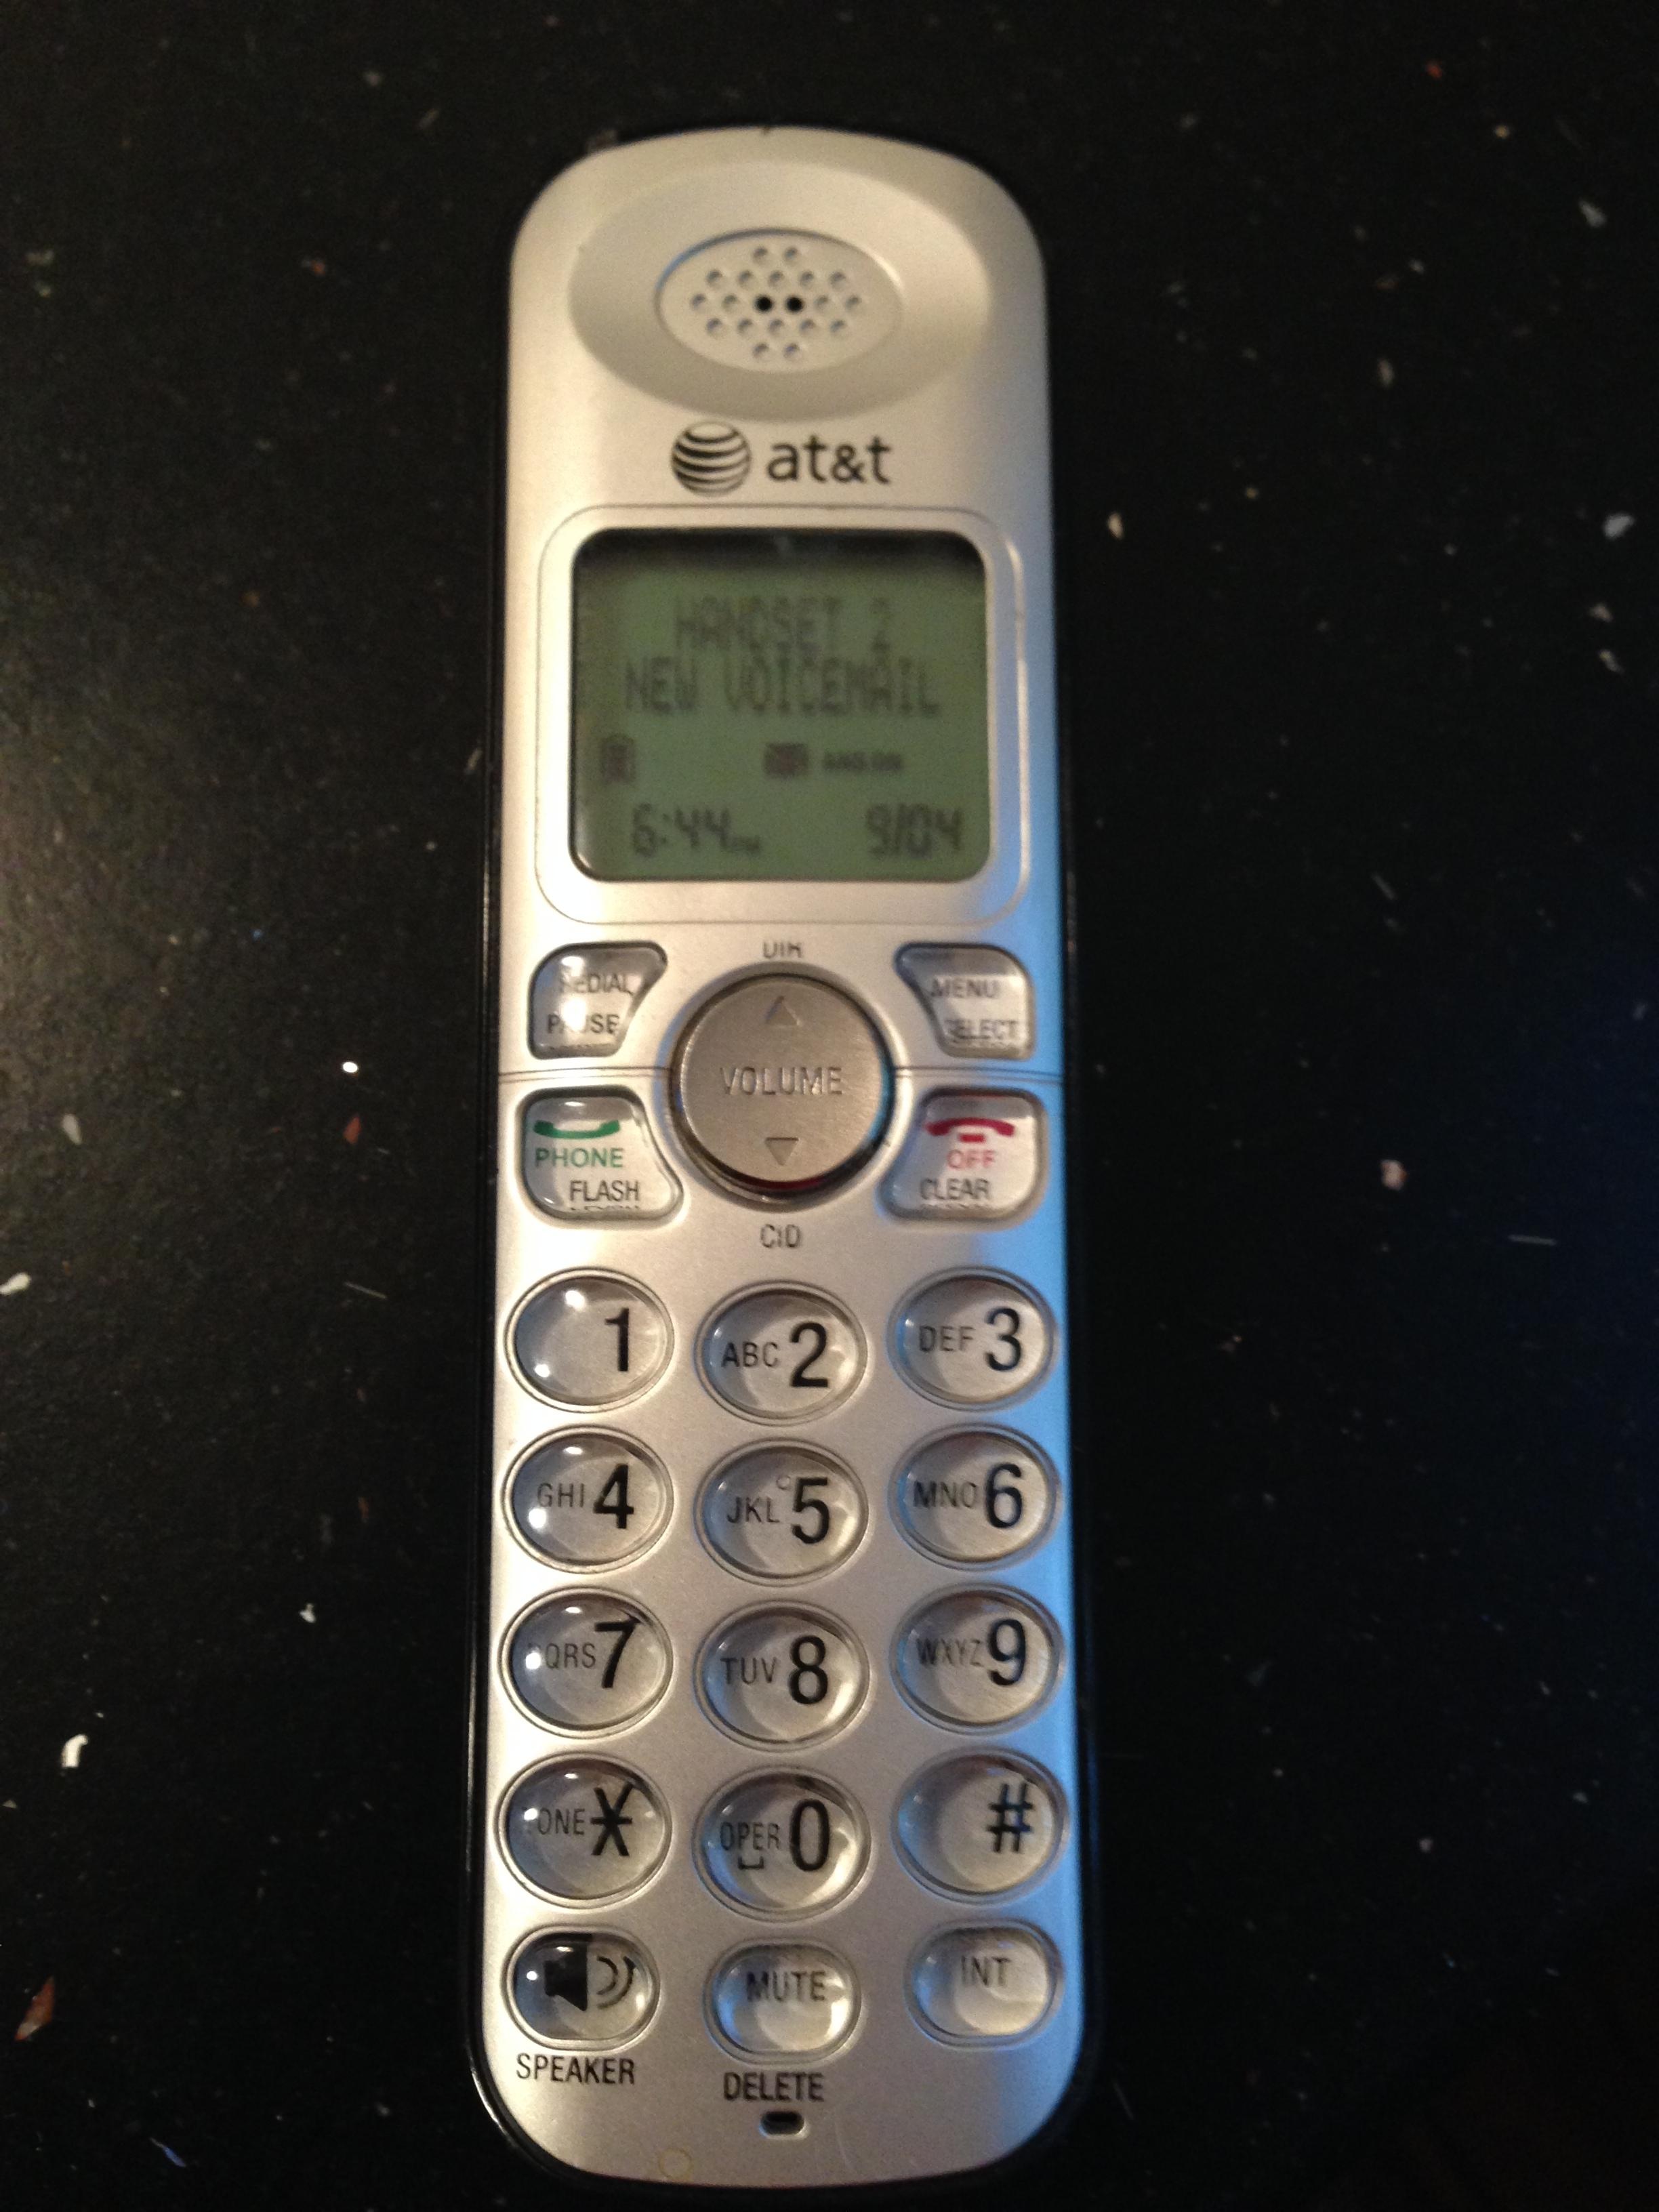 e5e6dff10698d2e8e4f3_phone.JPG